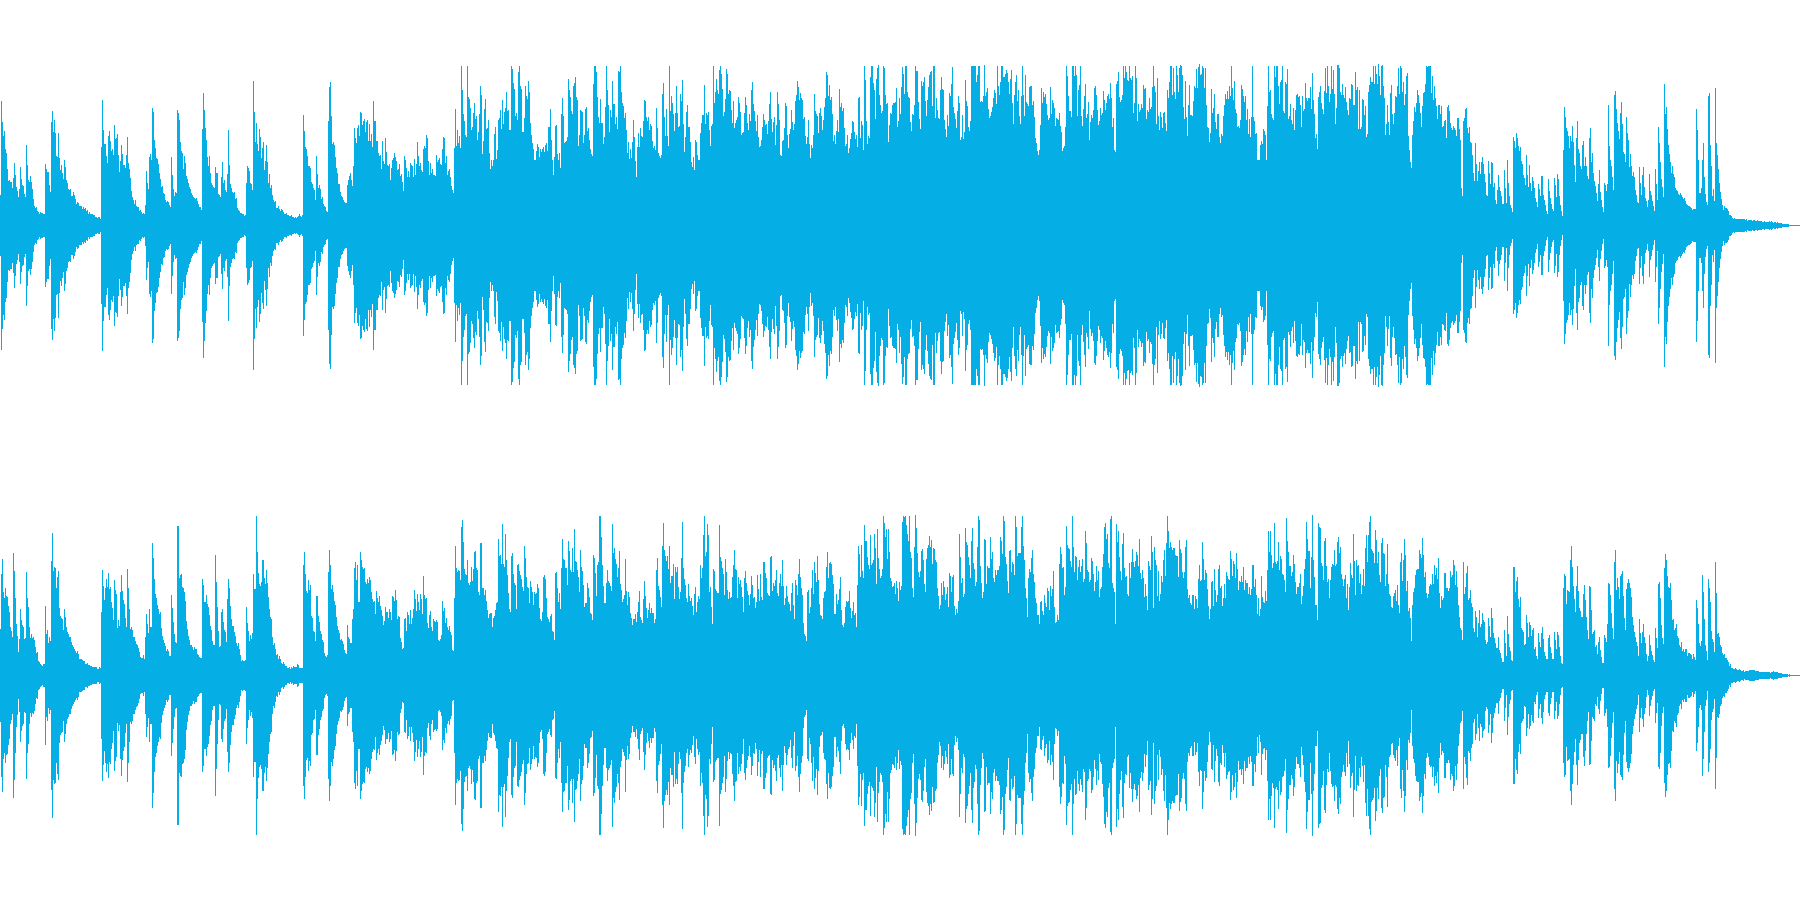 ピアノが演奏する静かな和風曲の再生済みの波形